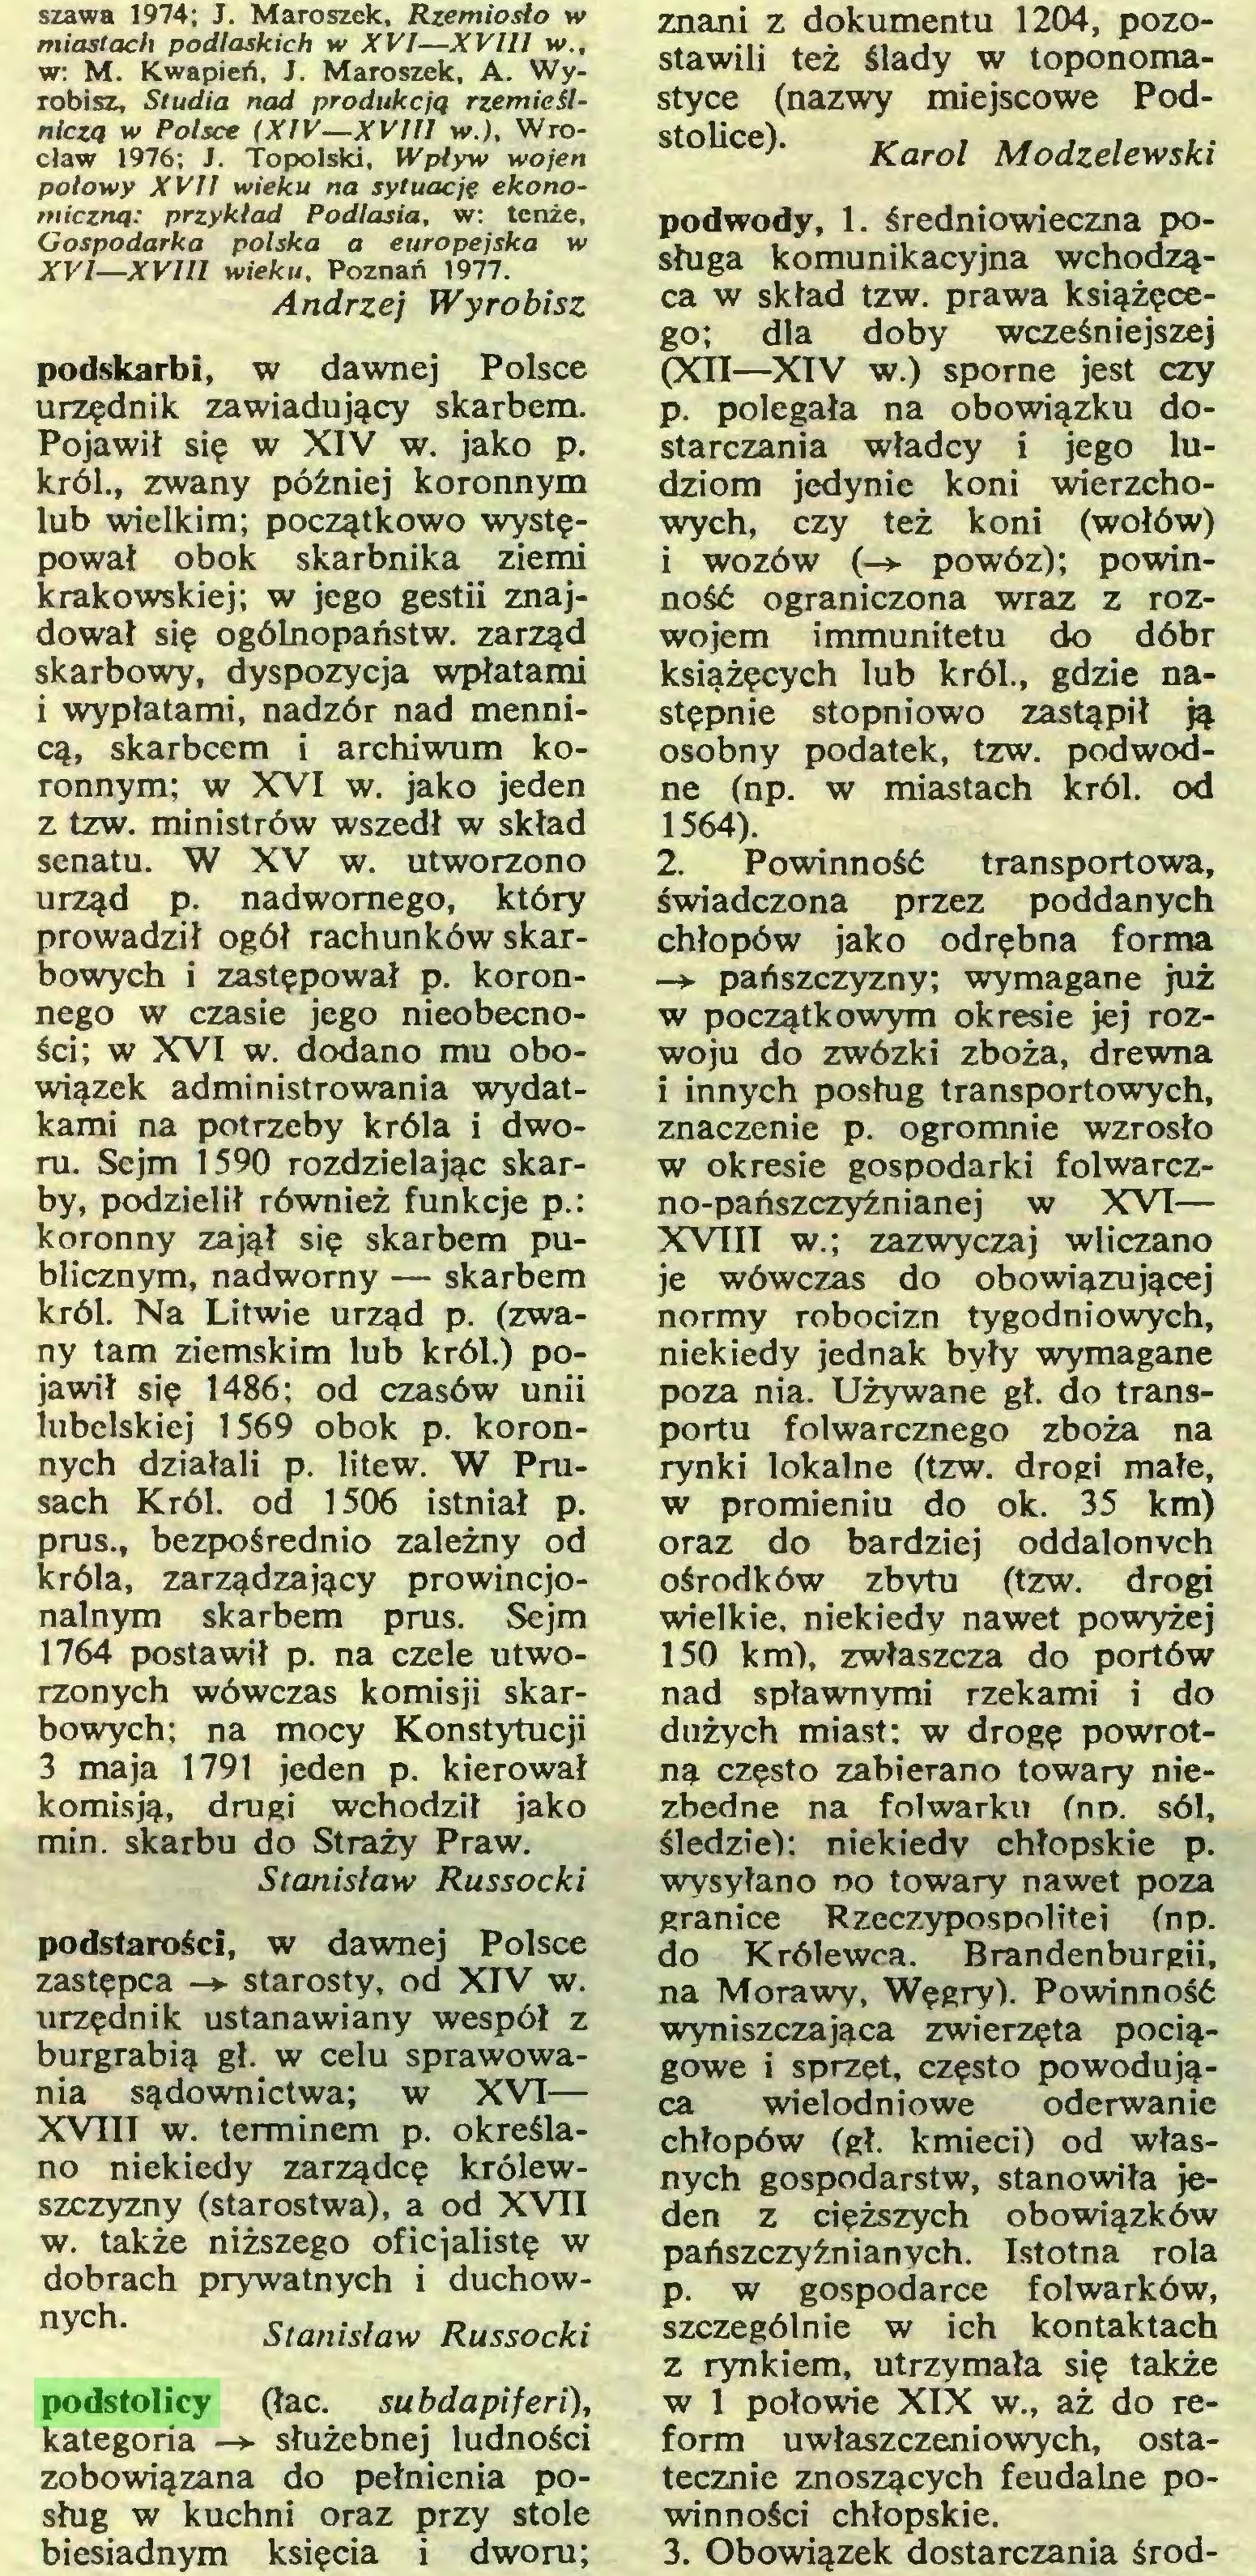 (...) w. także niższego oficjalistę w dobrach prywatnych i duchownych. Stanisław Russocki podstolicy (łac. subdapiferi), kategoria —*- służebnej ludności zobowiązana do pełnienia posług w kuchni oraz przy stole biesiadnym księcia i dworu; znani z dokumentu 1204, pozostawili też ślady w toponomastyce (nazwy miejscowe Podstolice). Karol Modzelewski...